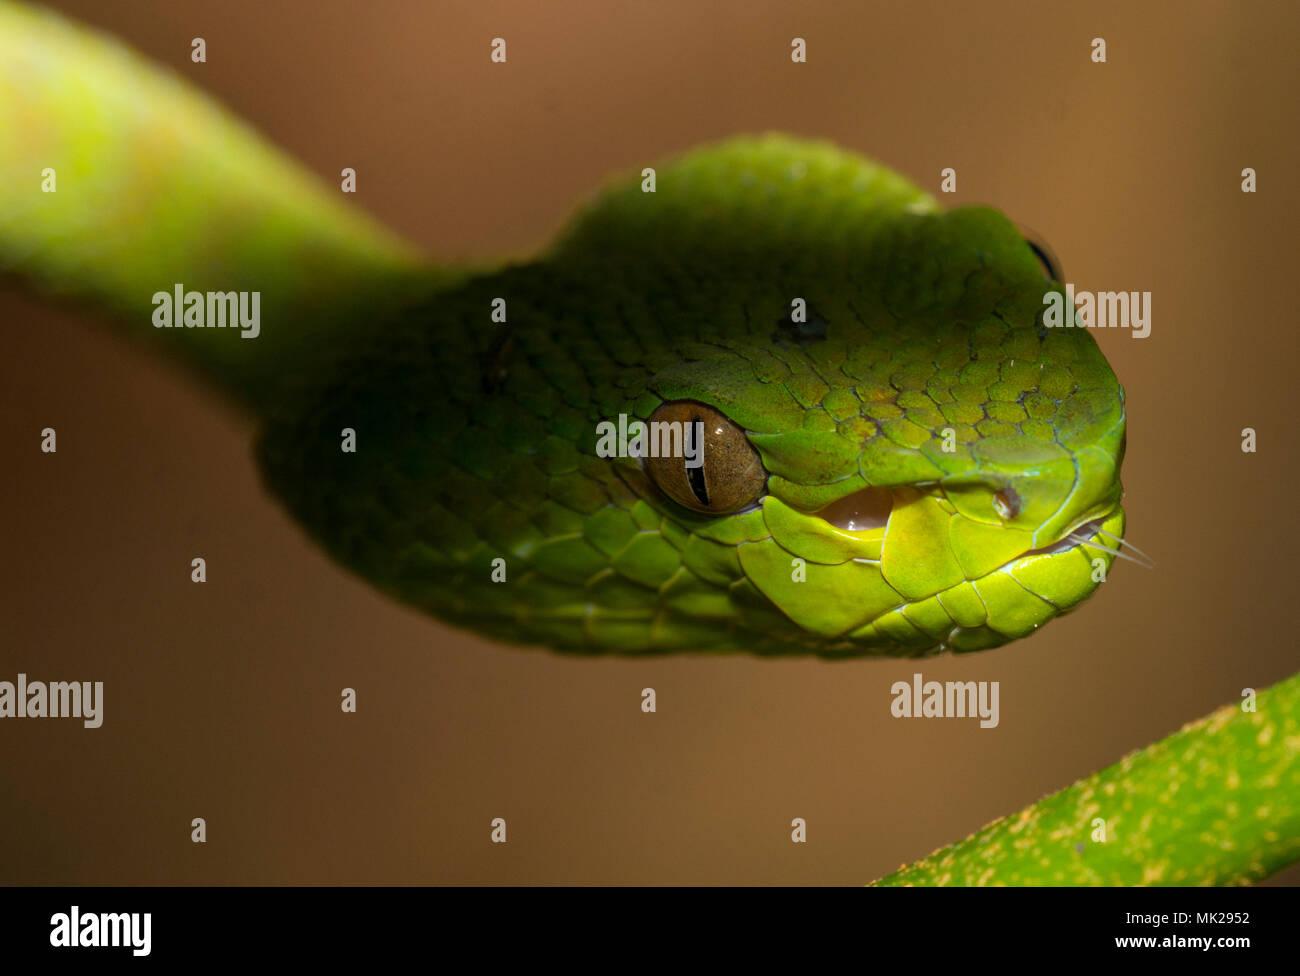 Bellissima femmina verde Phuket Rattlesnakes (Trimeresurus phuketensis) in una struttura ad albero su Phuket Thailandia. Immagini Stock